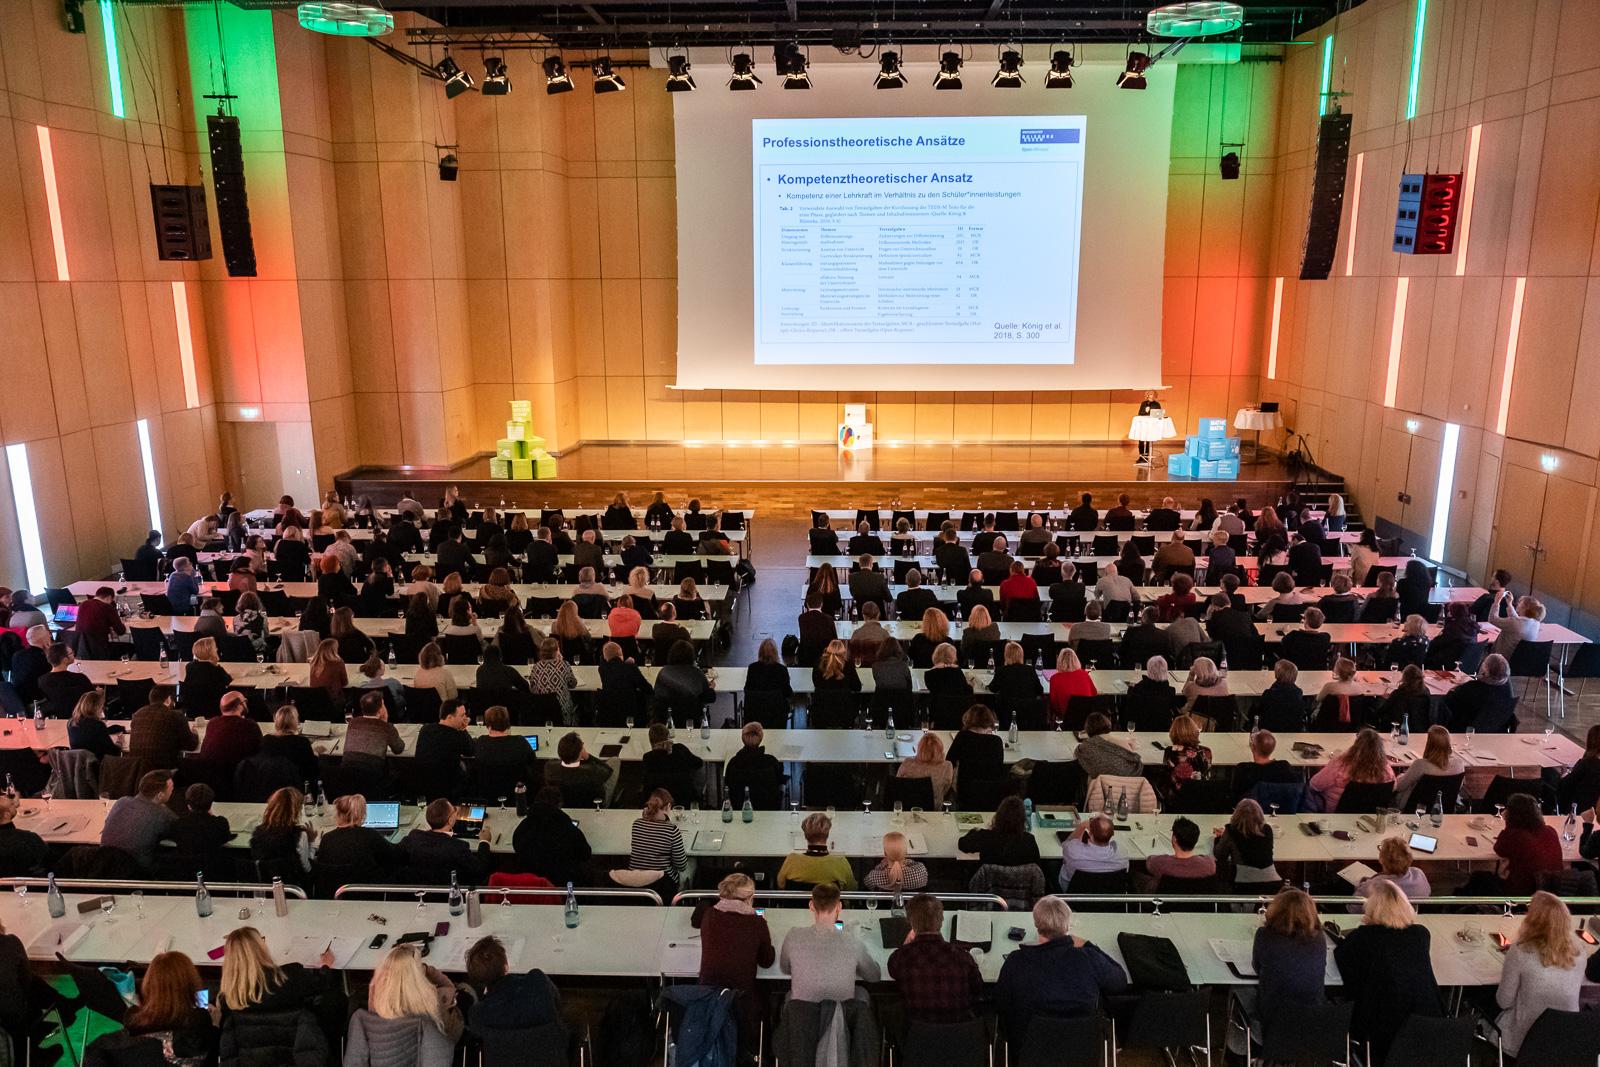 Sprachsensibles-Unterrichten-foerdern-Abschlusstagung-9